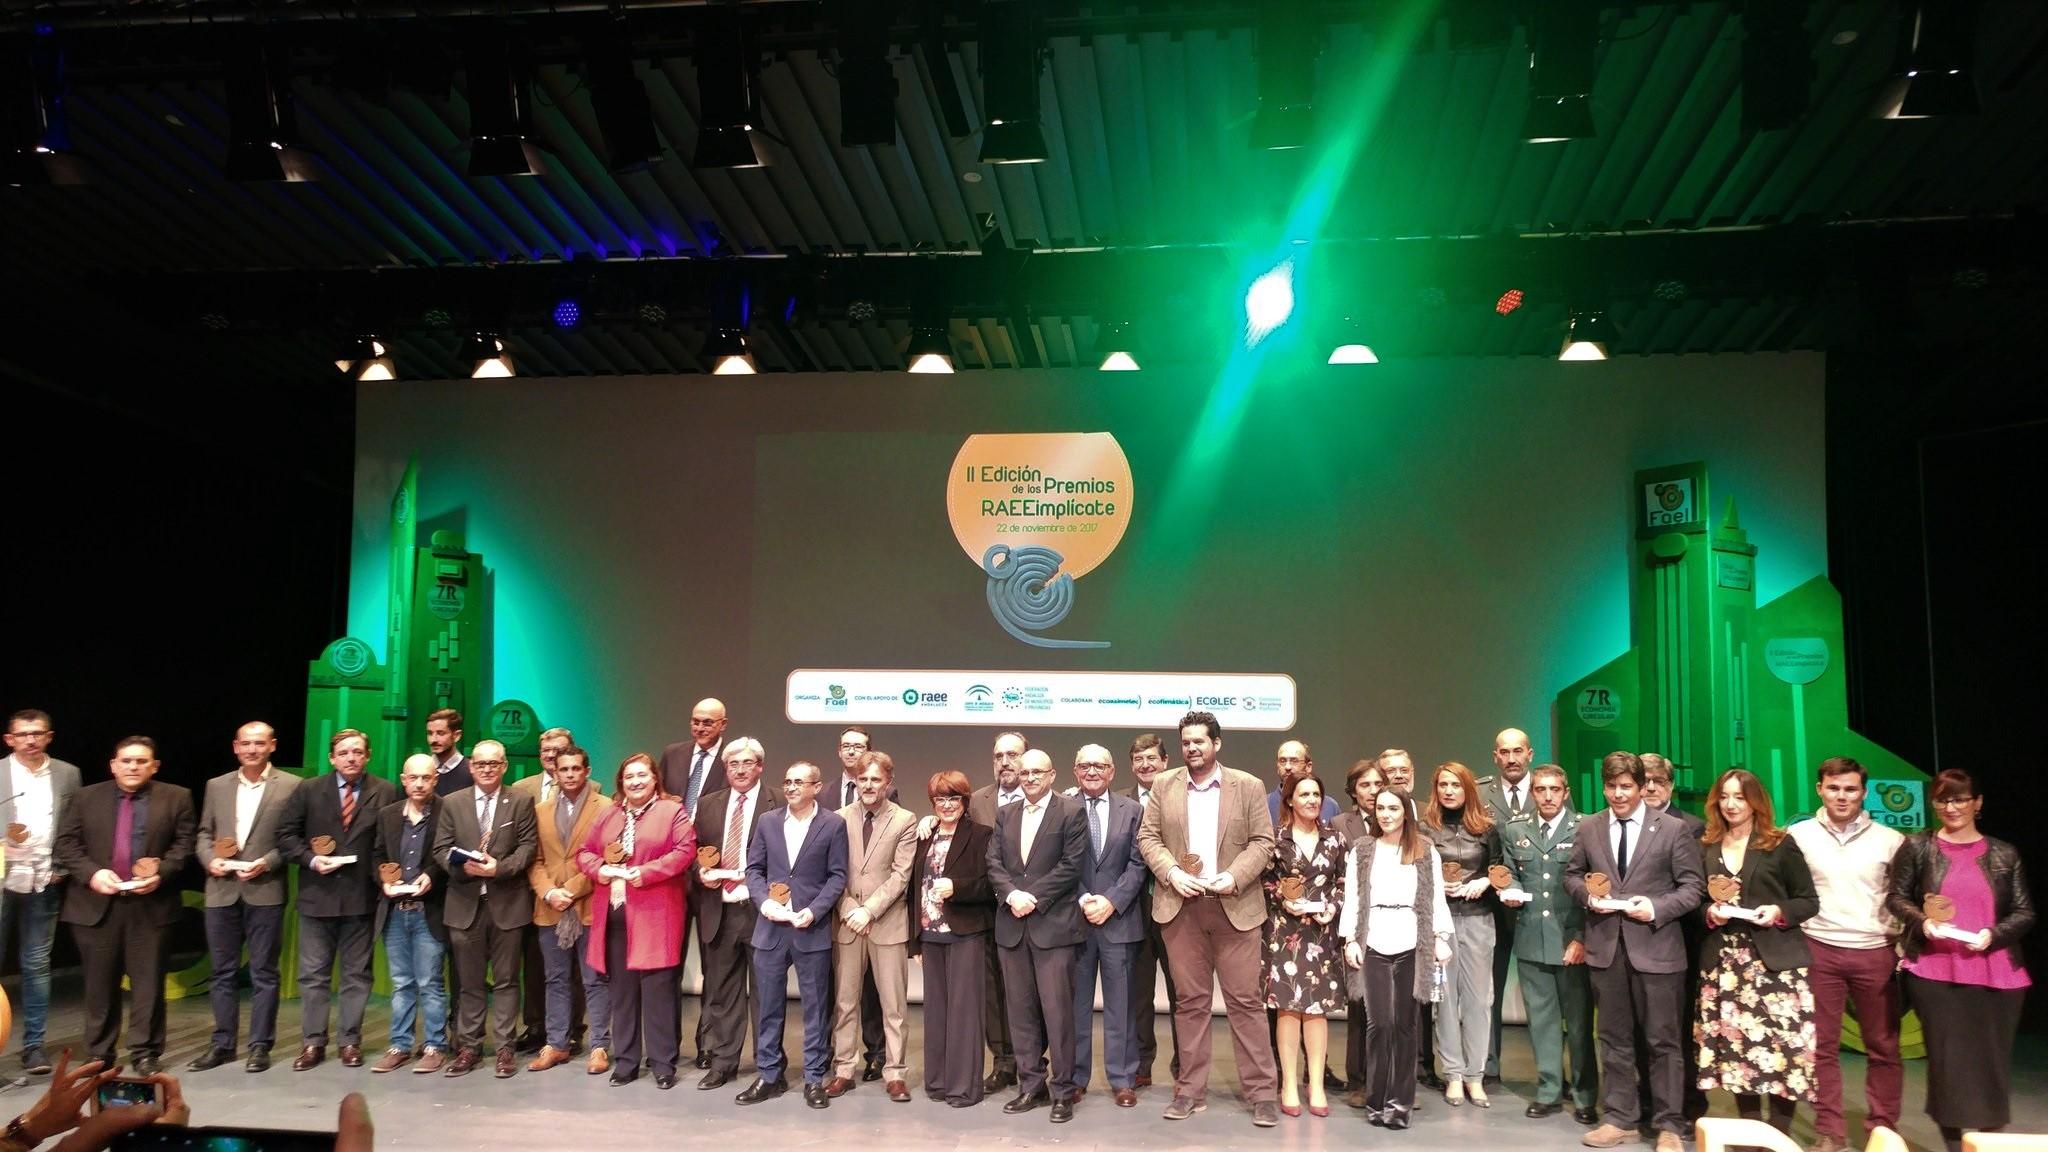 Celebrada la II Edición de los Premios RAEEimplícate